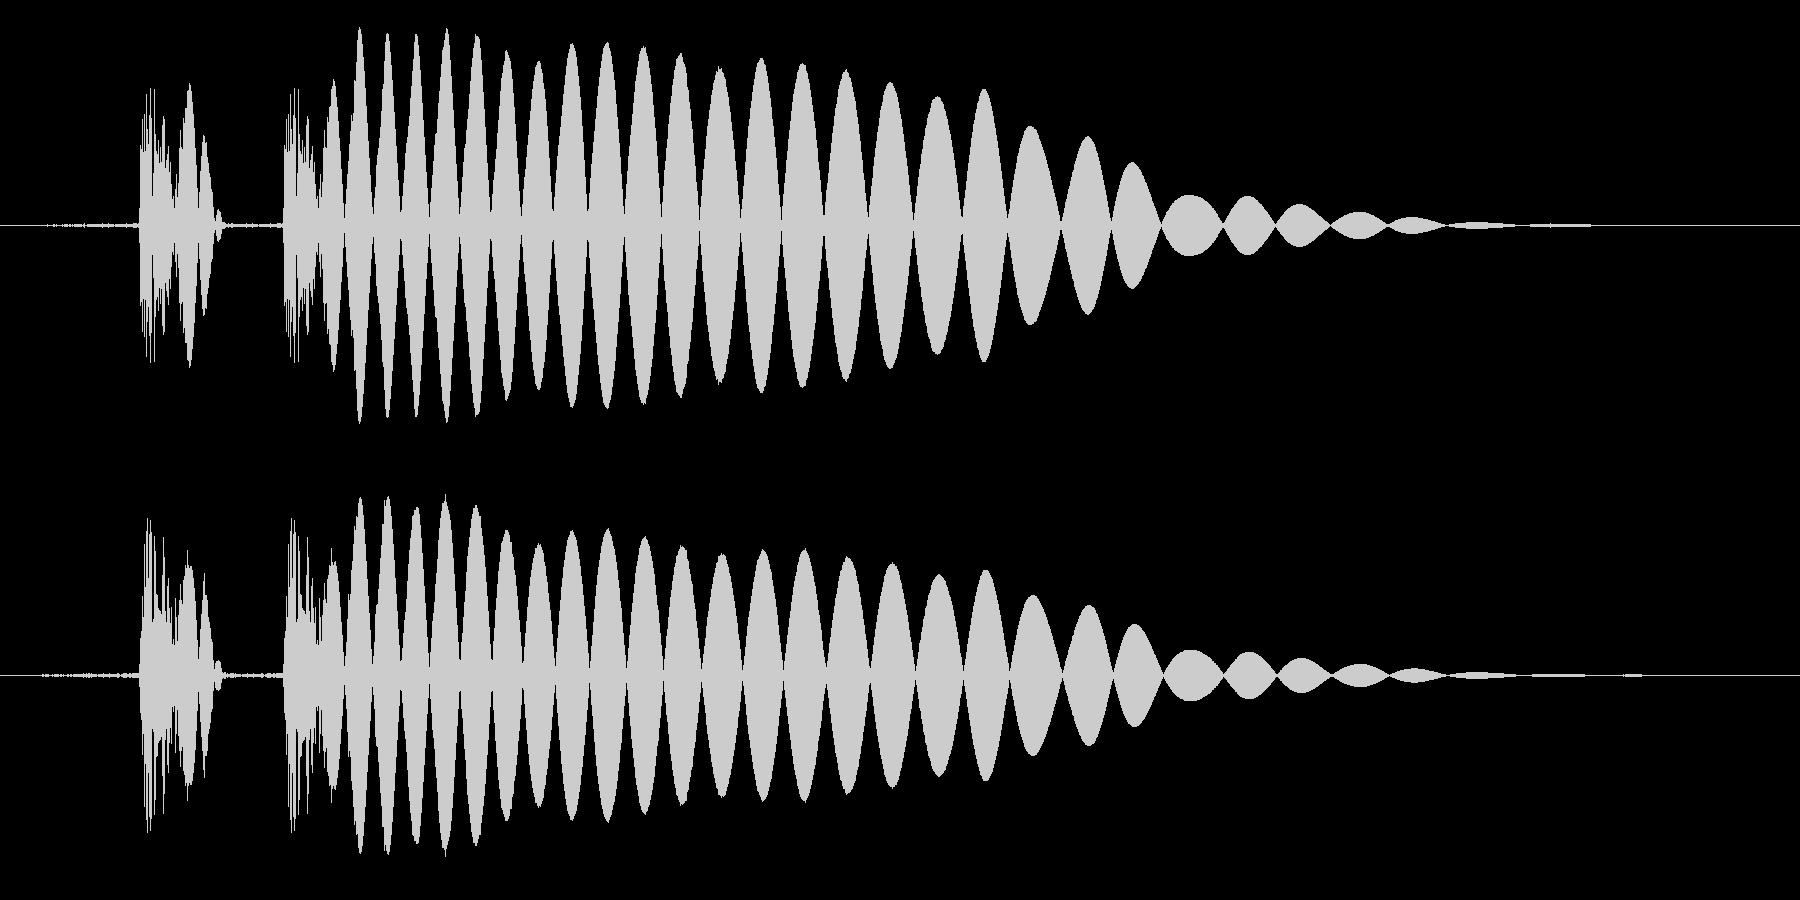 EDM/IDM系の埋もれないバスドラ5bの未再生の波形